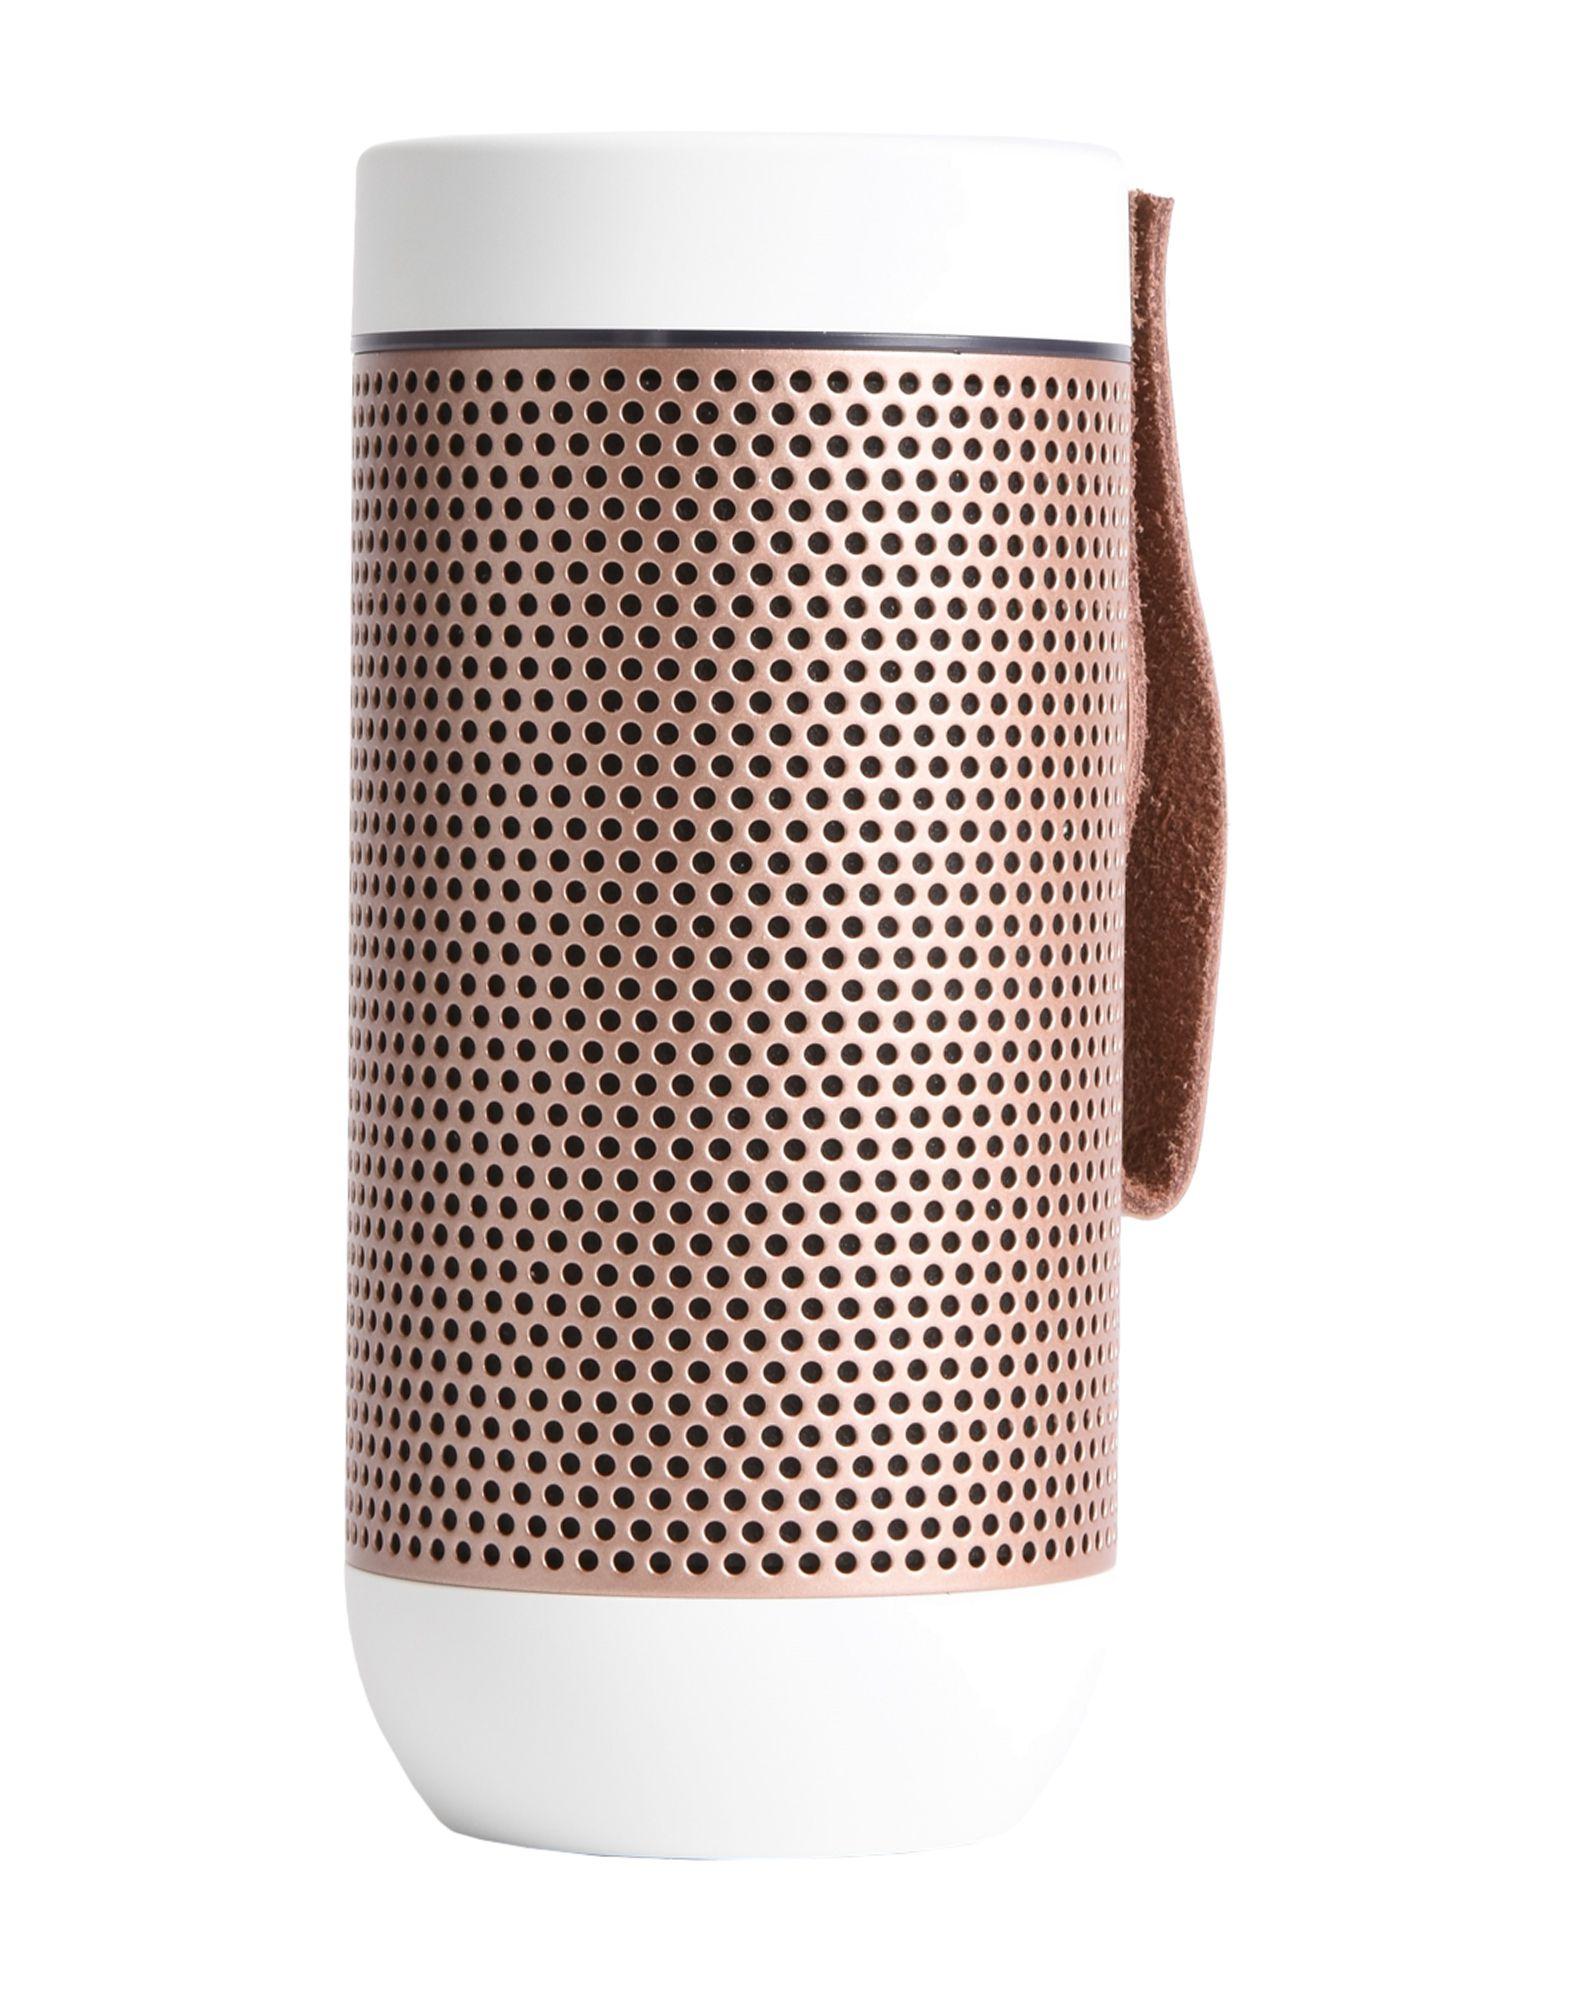 KREAFUNK Аудио soaiy saaiy sa 115 улучшен аудио аудио аудио домашний кинотеатр беспроводной bluetooth эхо стена soundbar audio